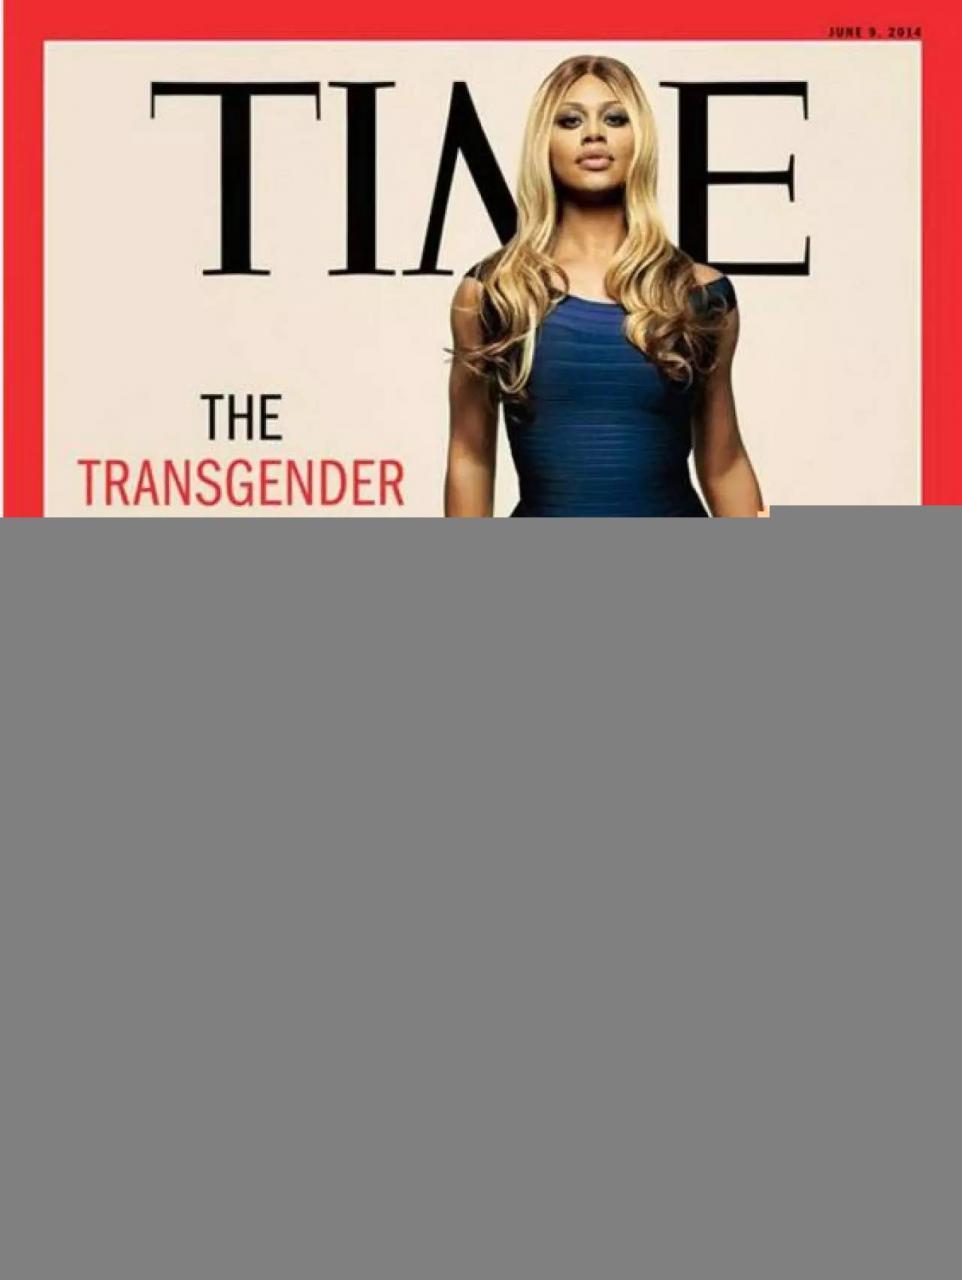 全美一叮助Celine晋级美国变性艺人Laverne Cox打破性别定型